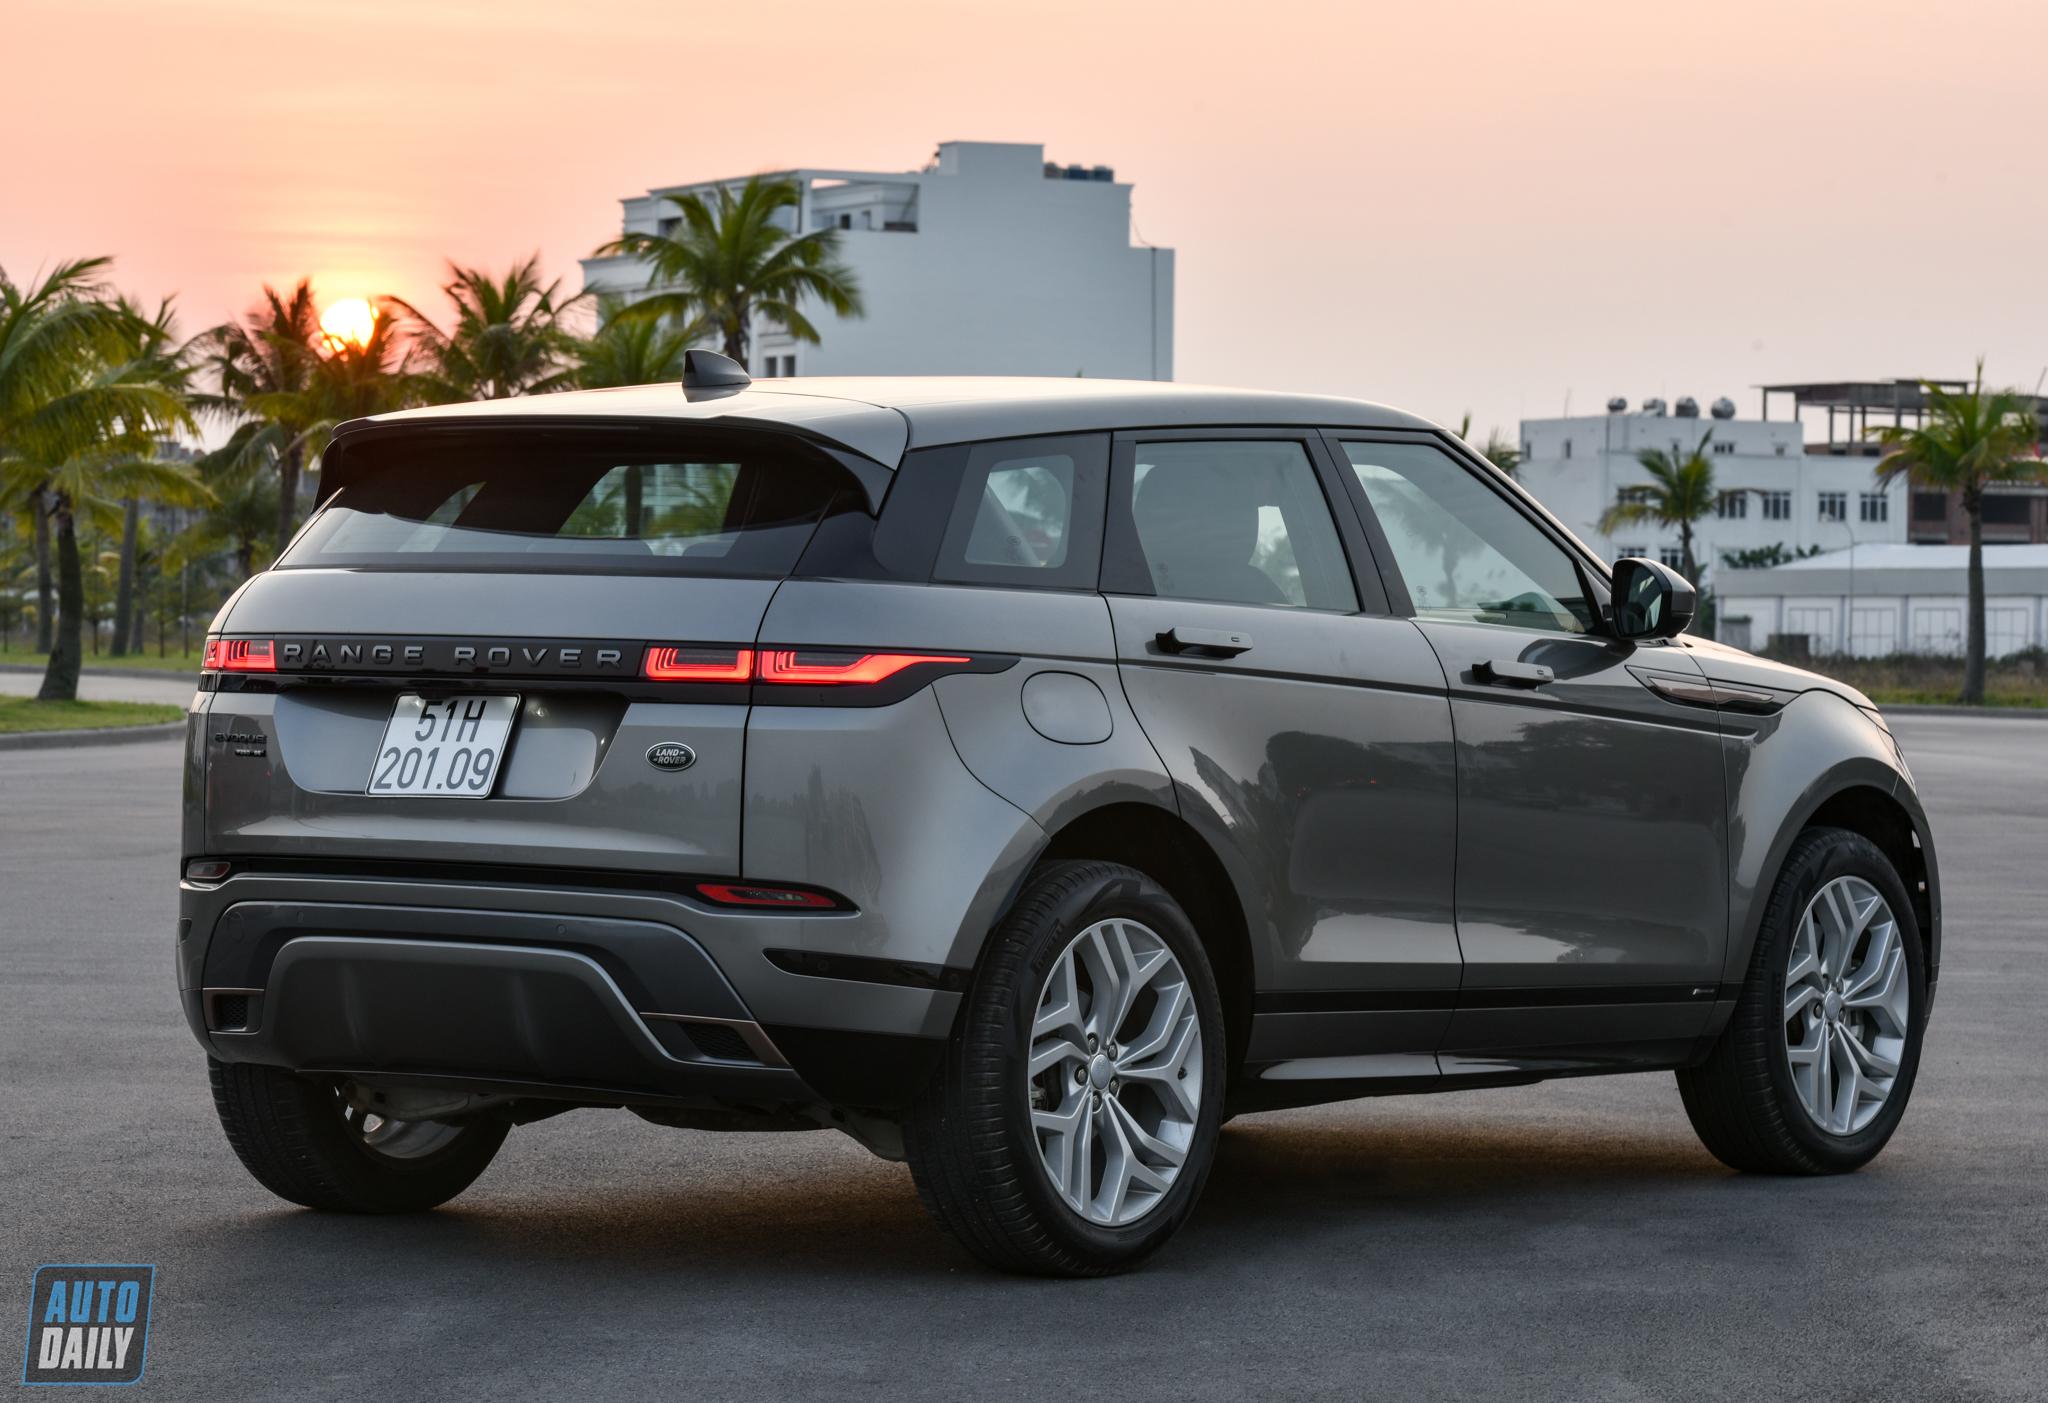 range-rover-evoque-2020-autodaily-29.jpg